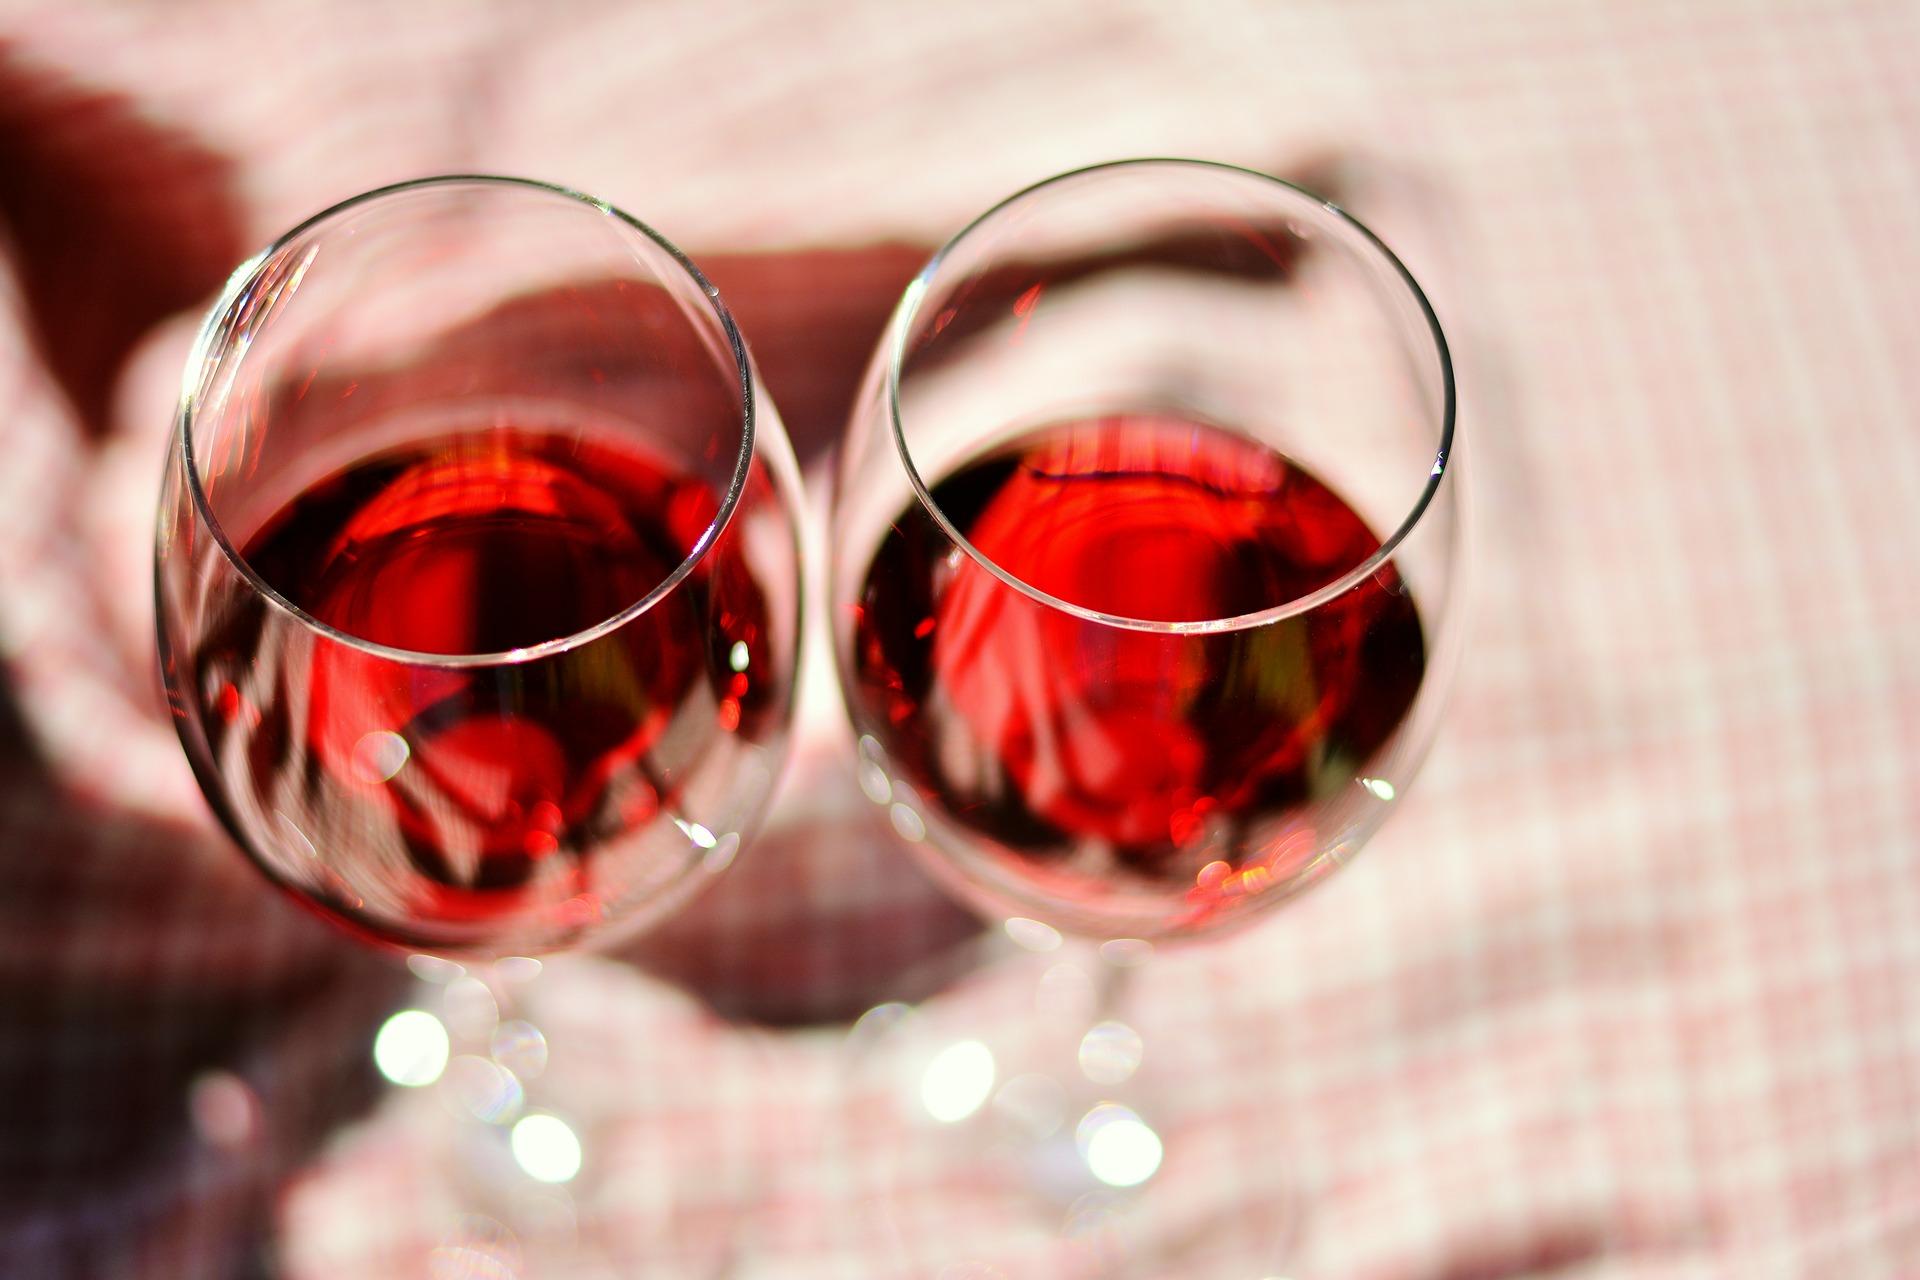 wino - pixabay